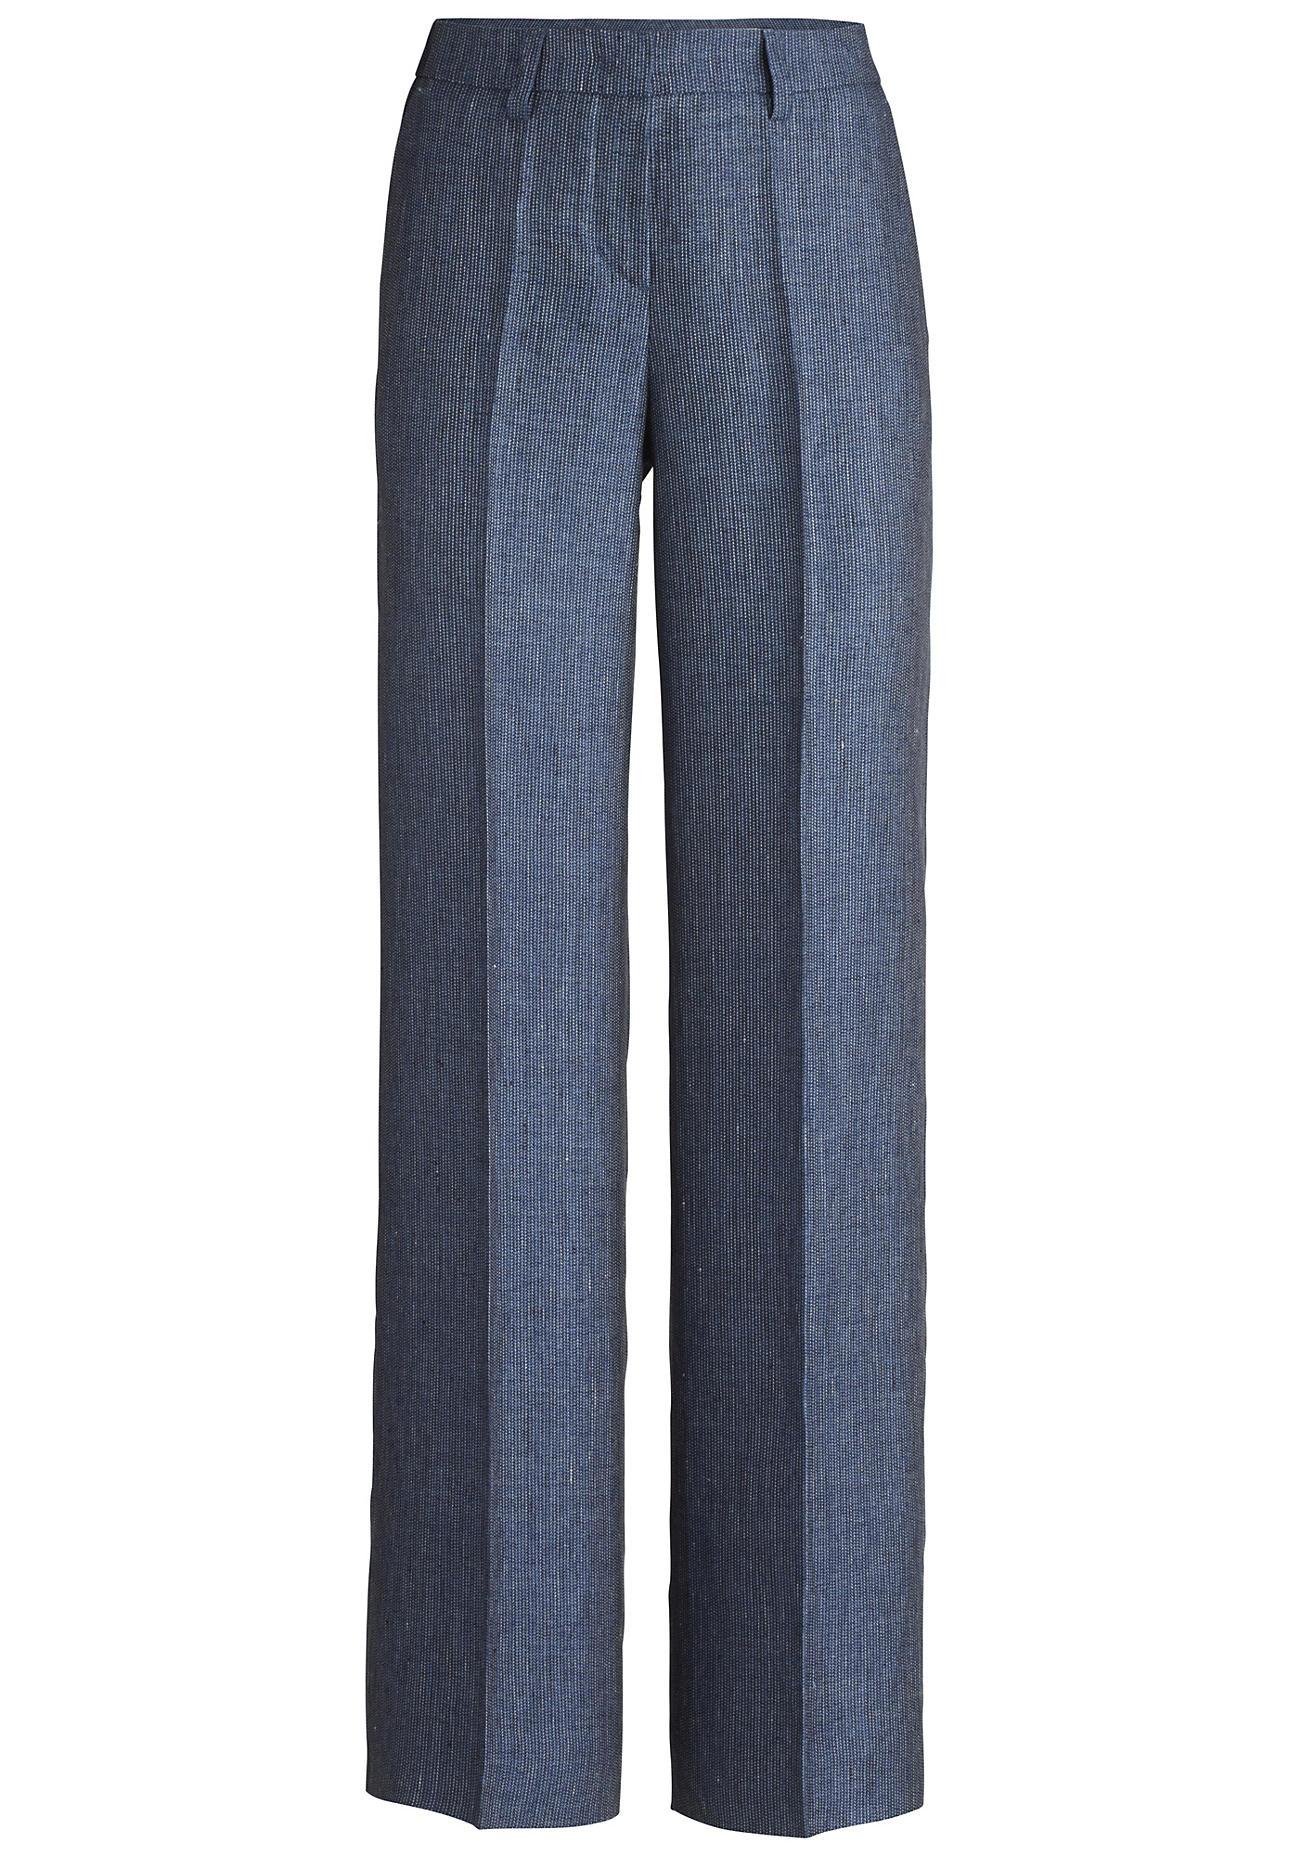 Hosen für Frauen - hessnatur Damen Hose aus Bio Leinen – blau –  - Onlineshop Hessnatur